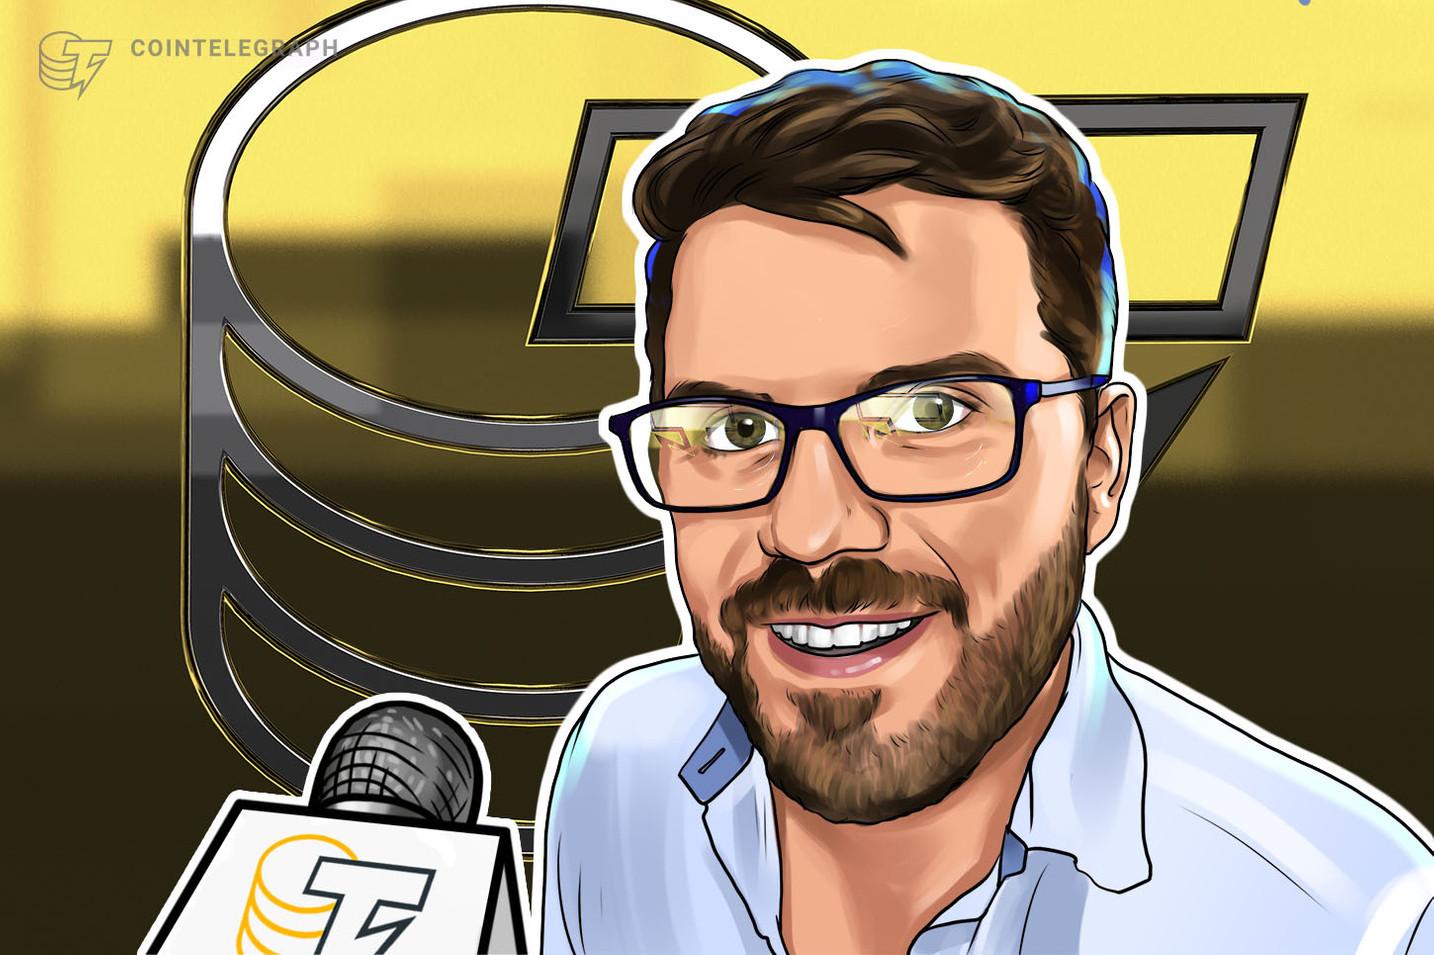 Daniel Muvdi: Teniendo en cuenta los ciclos de bitcoin, su precio podría llegar a $120k dólares o incluso, a $250k dólares en los próximos ciclos